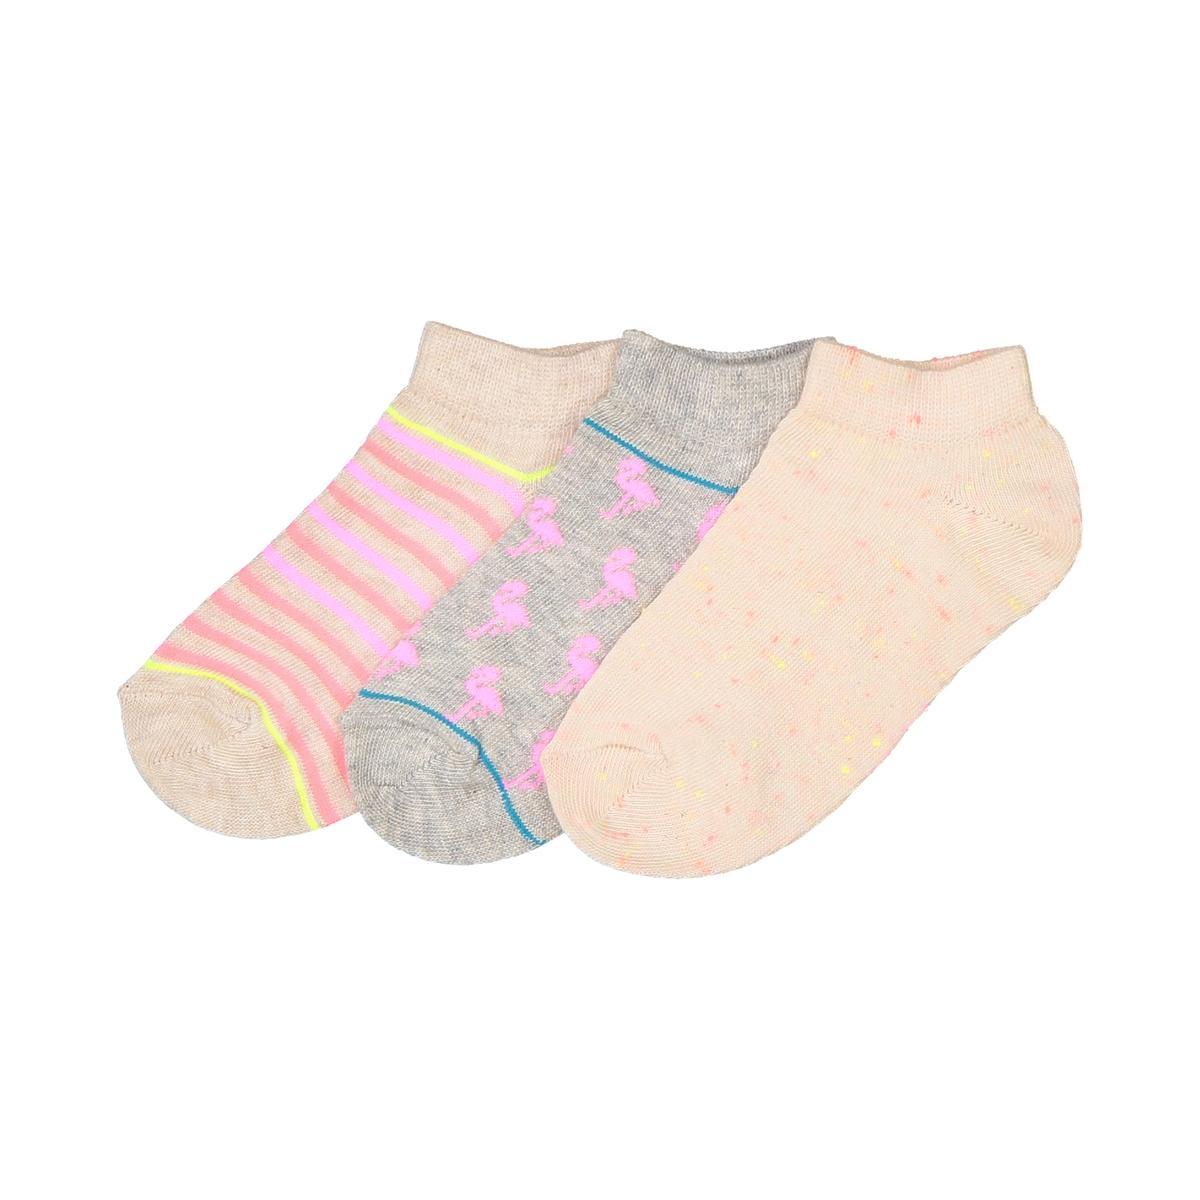 Носки низкие, оригинальные, комплект из 3 парОписание:3 пары носков с красивым рисунком или в цветную полоску, комплект из 3 пар детских носков для ежедневного использования !Состав и описание :Комплект из 3 пар носков : 1 пара носков в полоску и 2 пары носков с мелким рисунком .Состав : 75% хлопка, 24% полиамида, 1% эластанаУход :Машинная стирка при 30 °C на умеренном режиме с вещами схожих цветов.Машинная сушка запрещена.Не гладить.<br><br>Цвет: набивной рисунок<br>Размер: 19/22.31/34.27/30.35/38